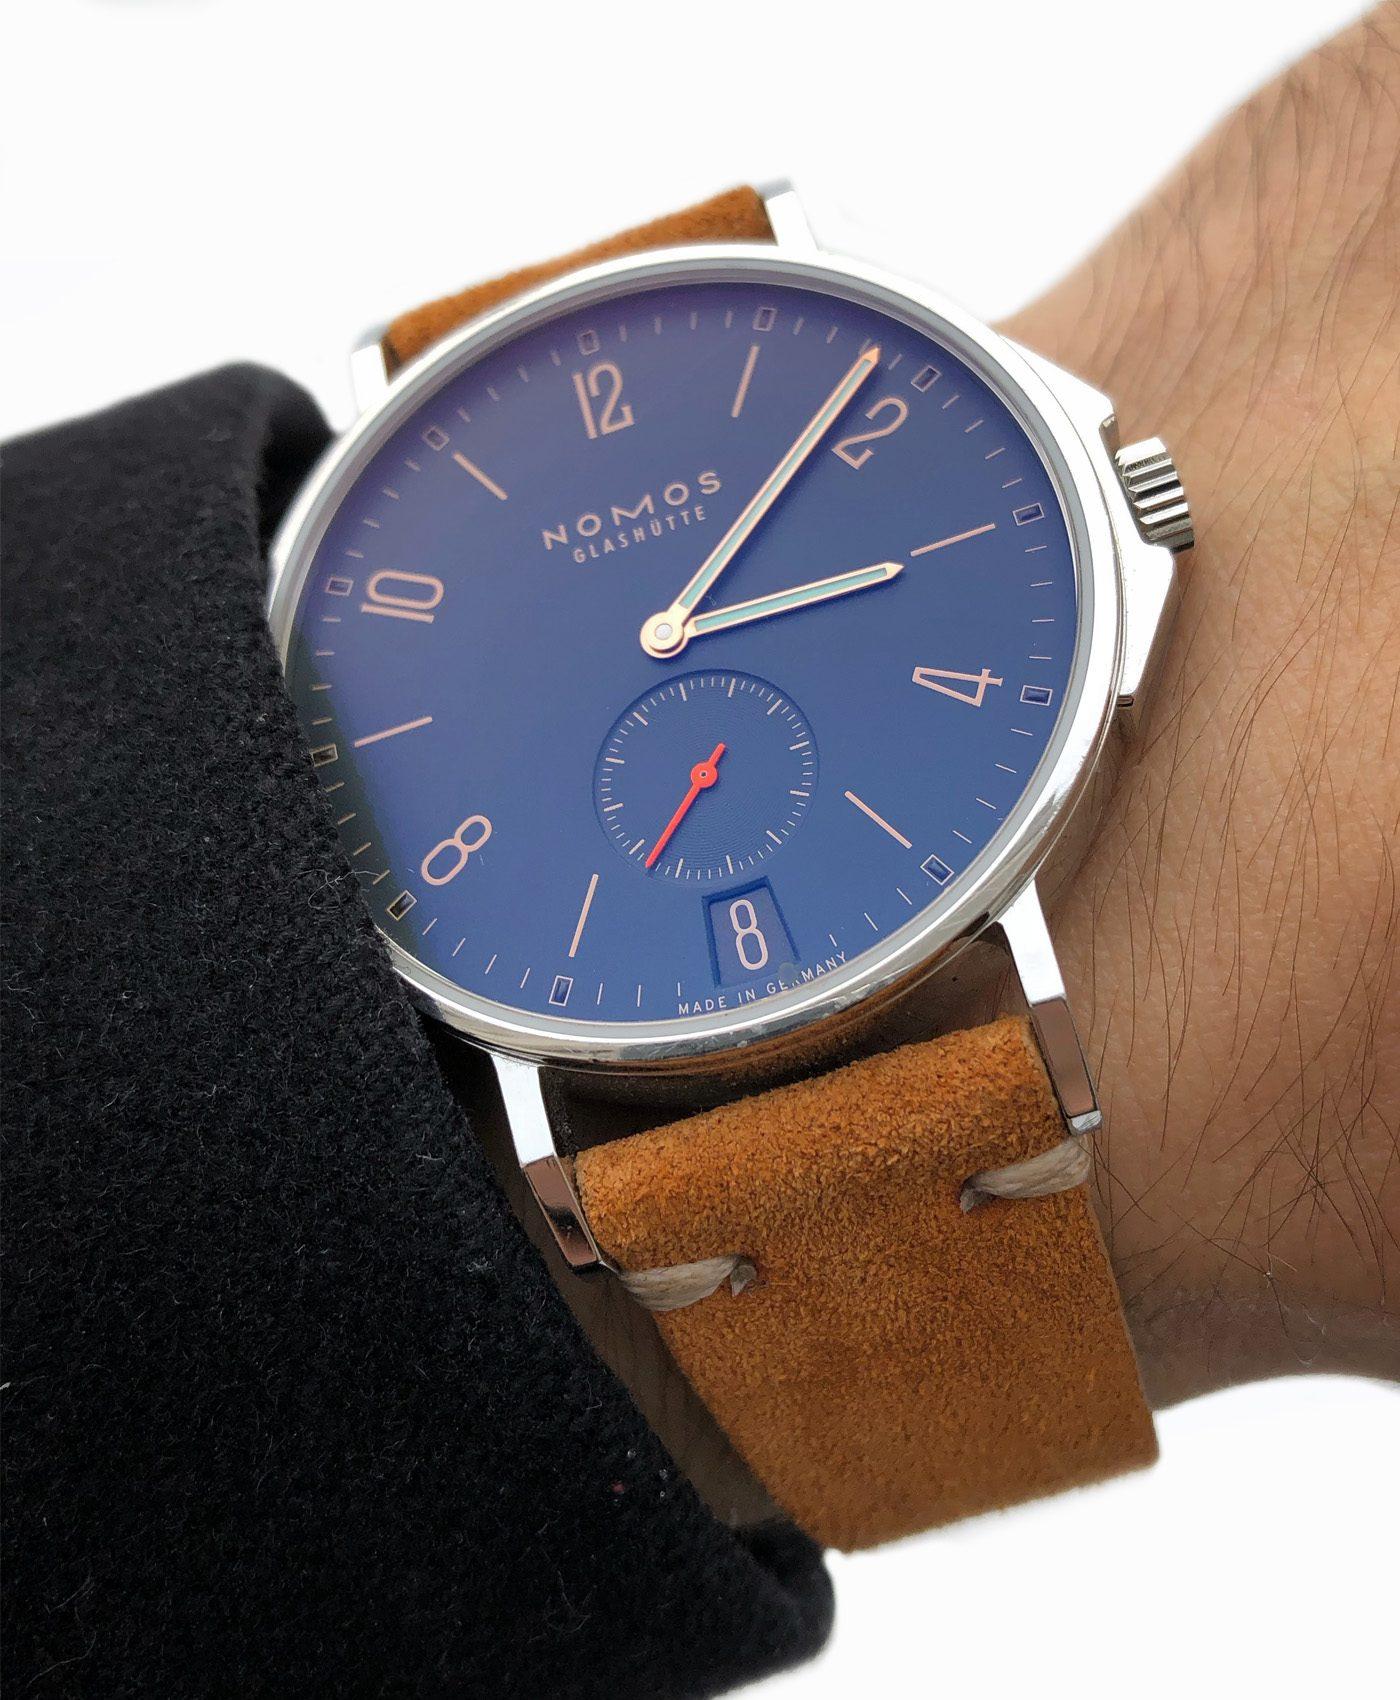 Nato_watch_suede_strap_gold_brown_watchbandit_original